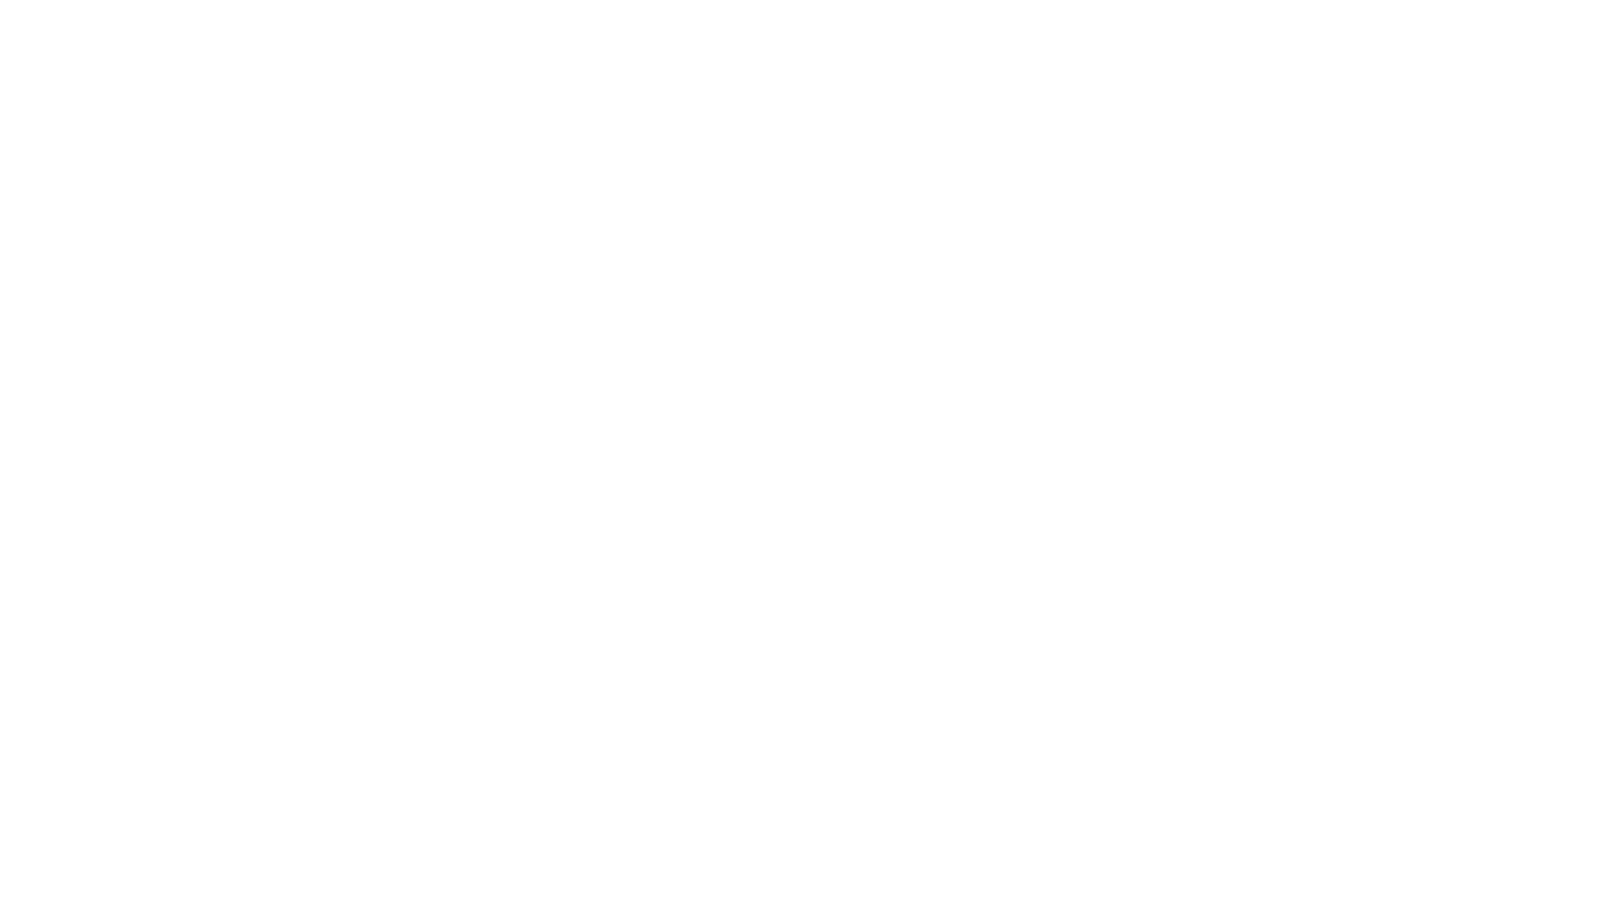 ✓ Boas vindas da tarde e abertura da palestra ✓ Palestra de abertura o Tema: Ergonomia e Trabalho Remoto o Ministrante: Prof. Dr. Francisco Locks Colegiado de Fisioterapia/UPE Campus Petrolina ✓ Comunicações finais da Direção e encerramento